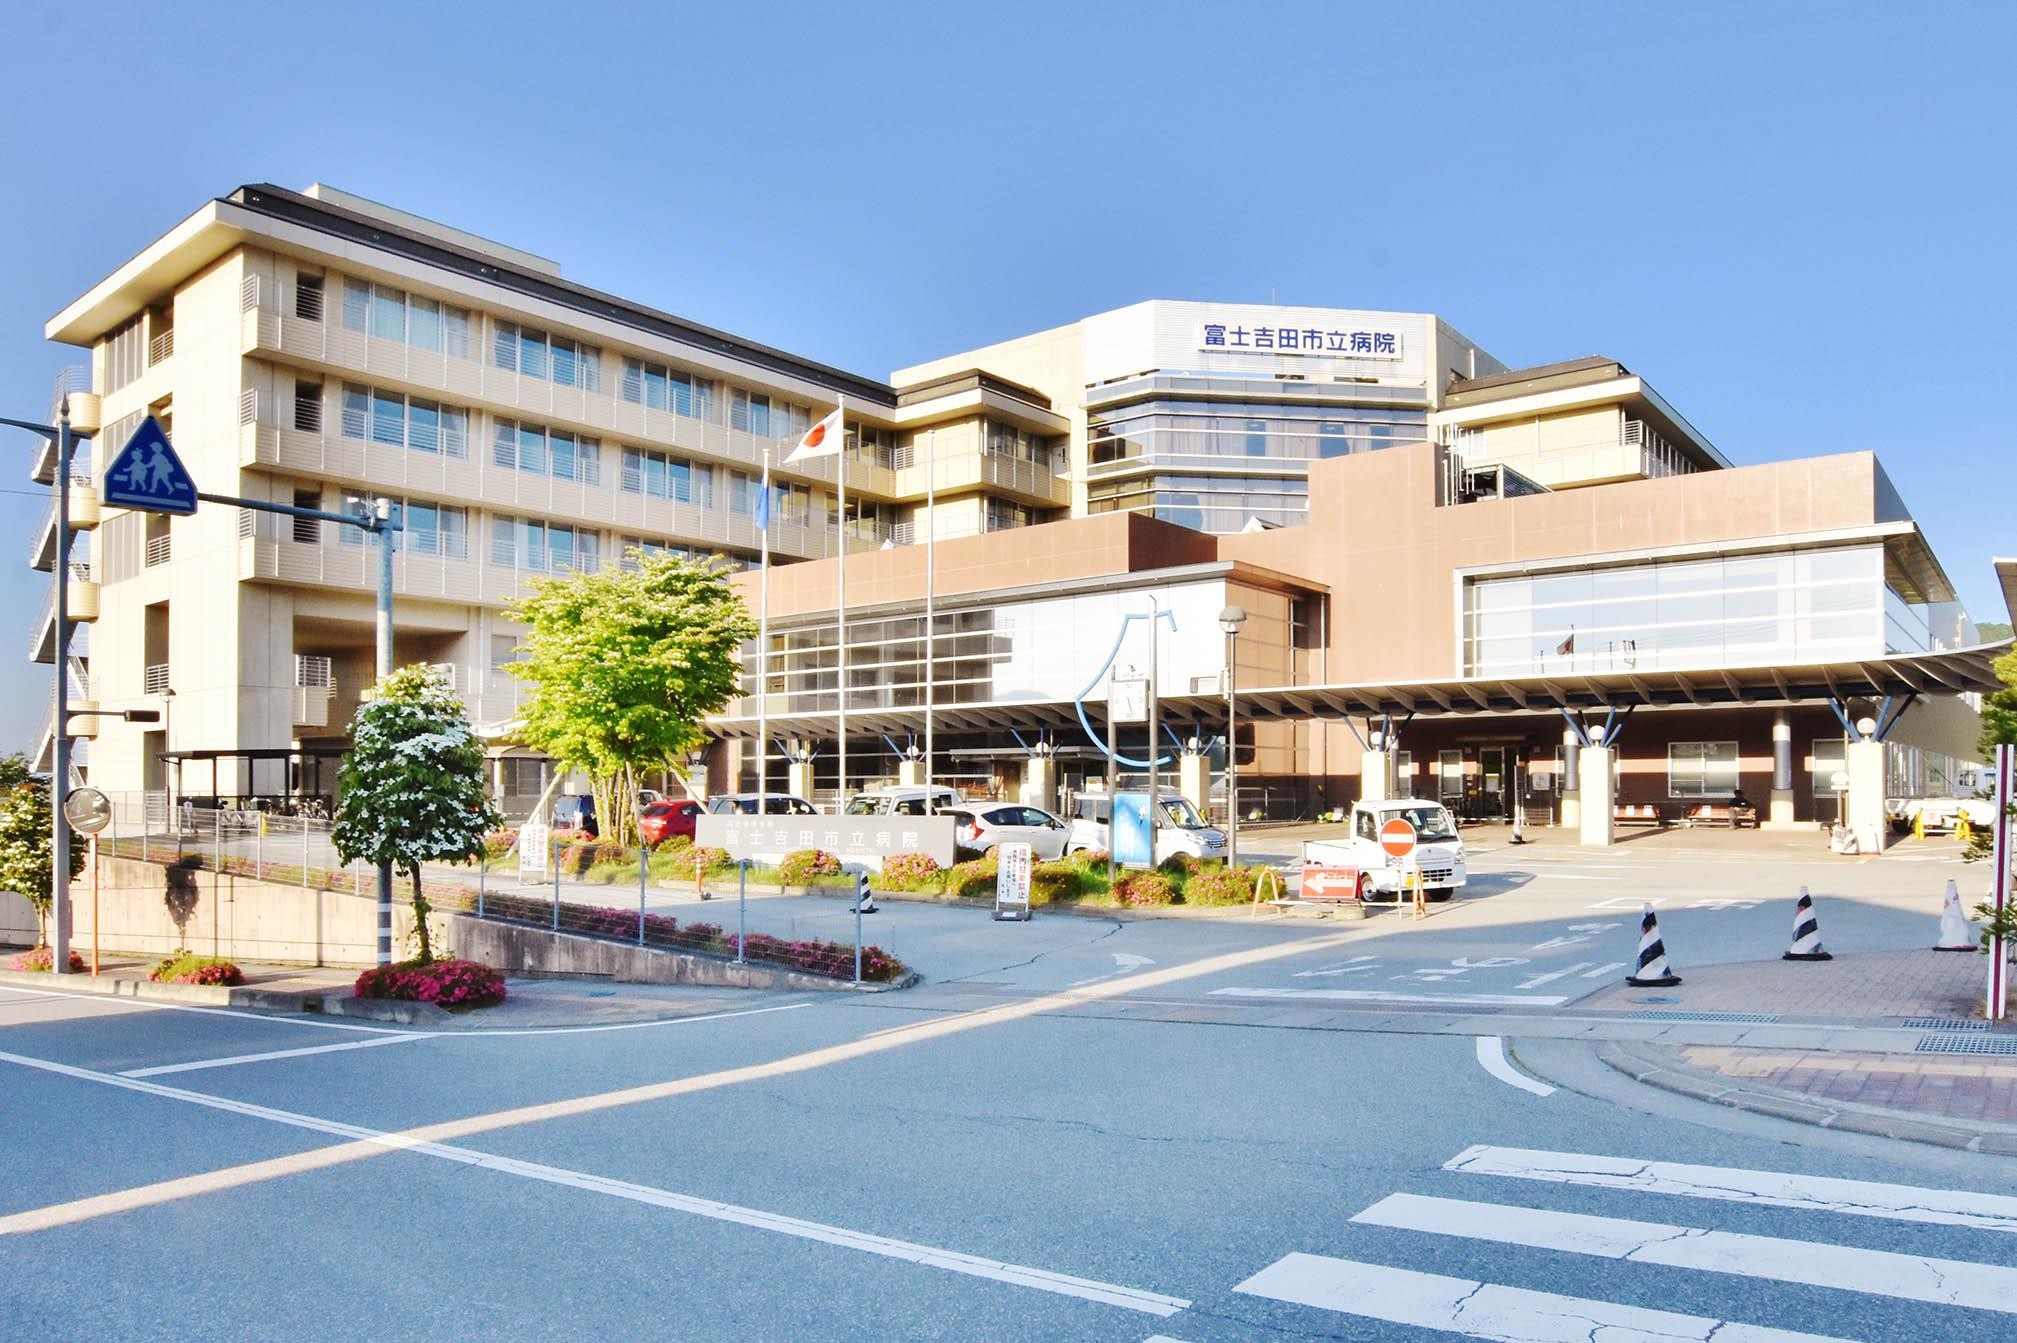 富士吉田市立病院 富士吉田市 病院 1